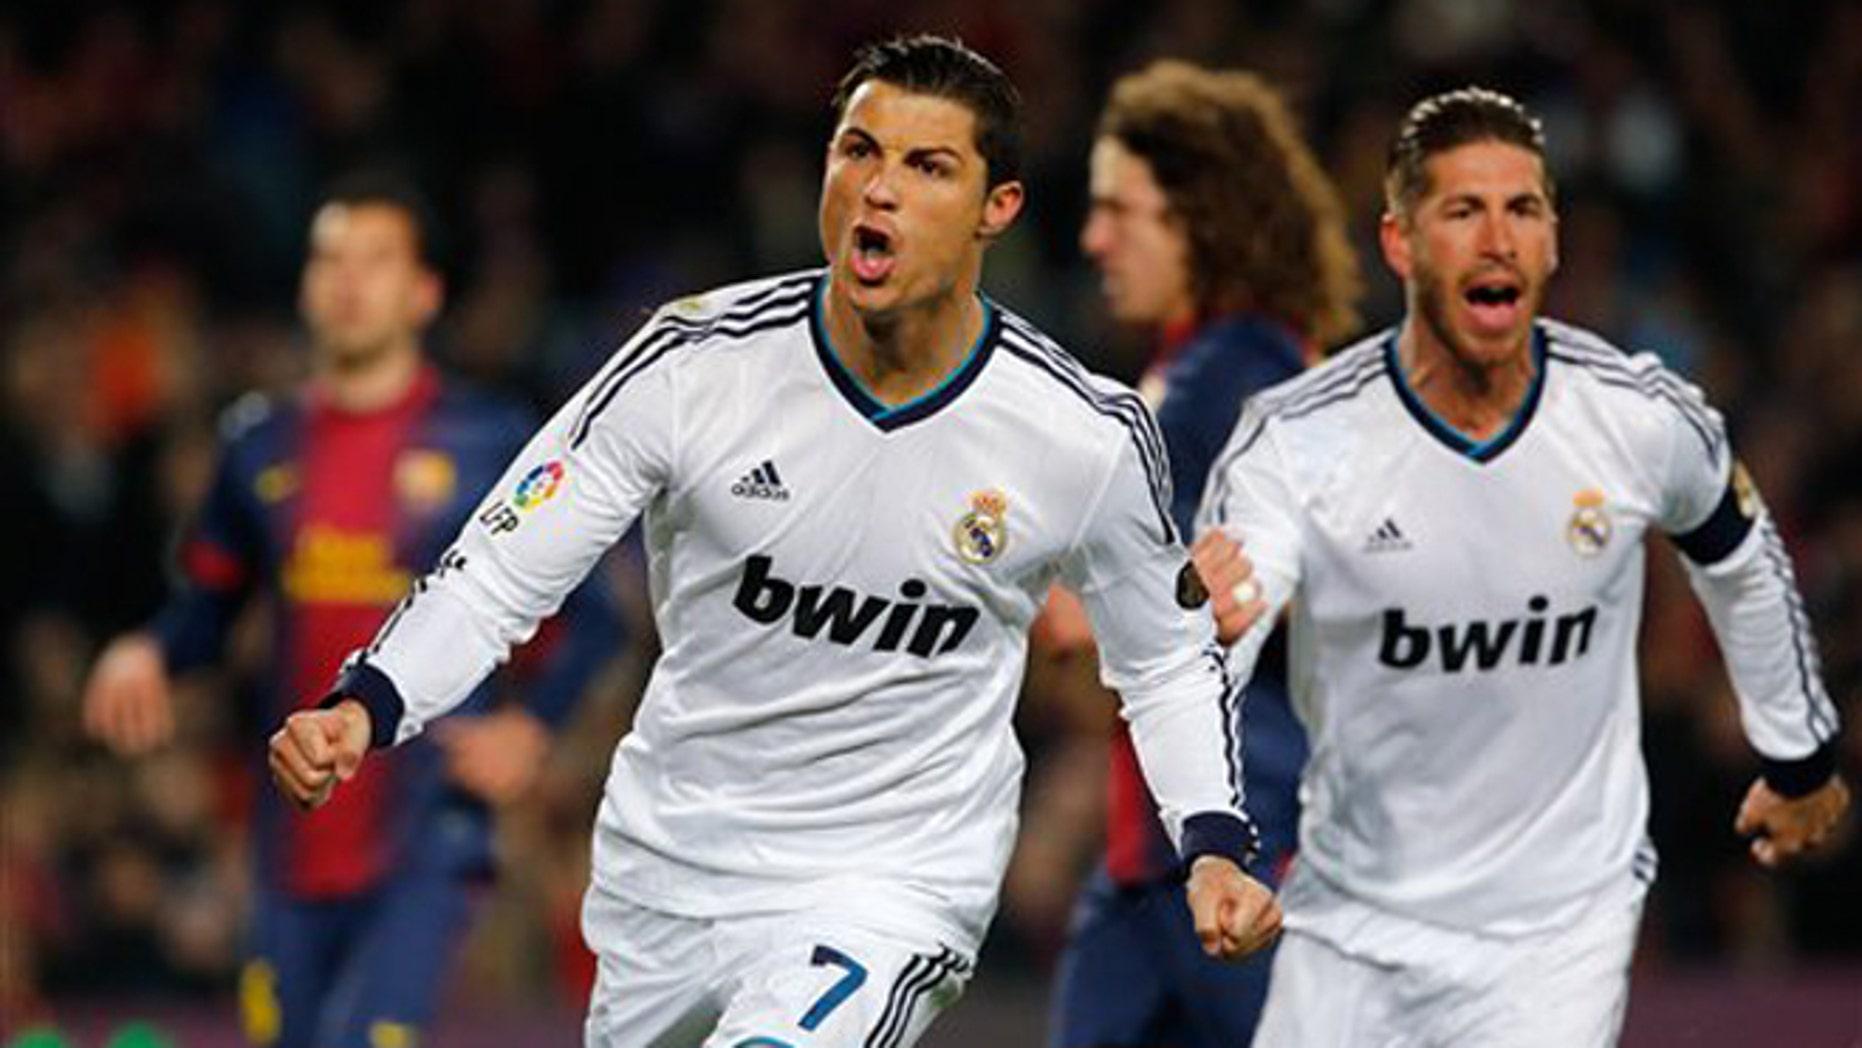 El jugador del Real Madrid, Cristiano Ronaldo, izquierda, festeja con su compañero Sergio Ramos, derecha, tras anotar un gol contra el Barcelona en la Copa del Rey el martes, 26 de febrero de 2013, en Barcelona.  (AP Photo/Emilio Morenatti)